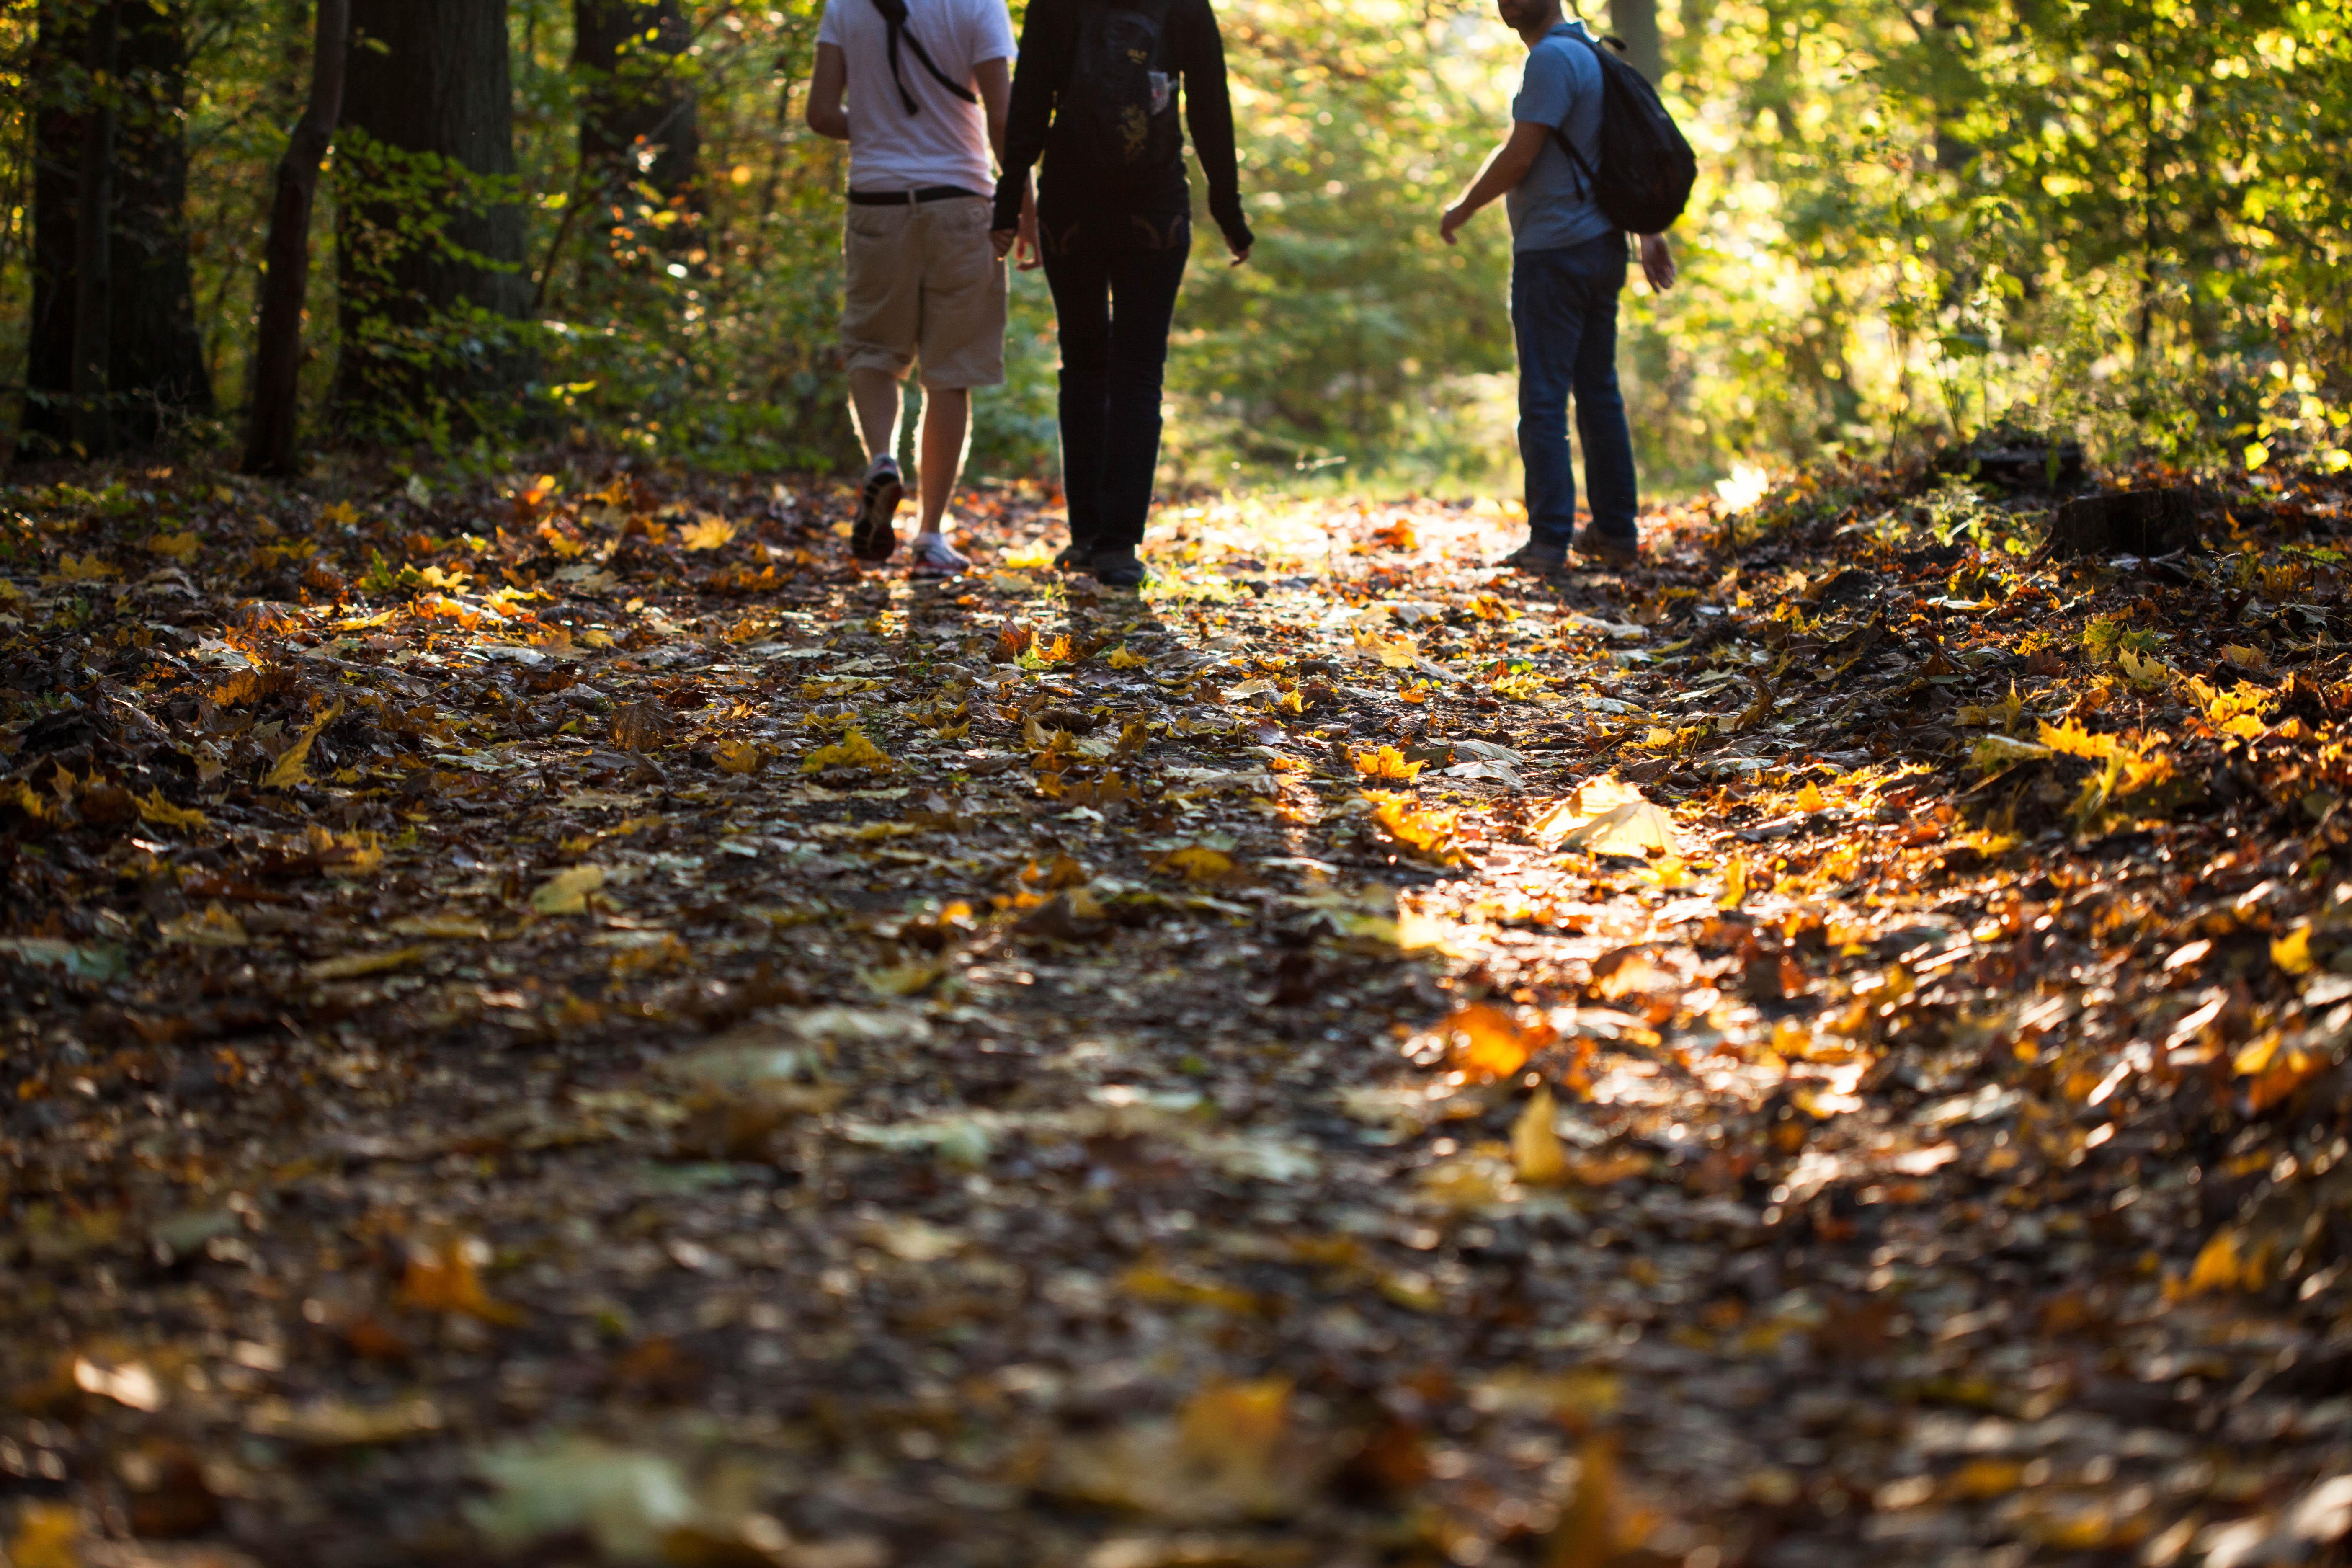 Warum verfärben sich im Herbst die Blätter der Bäume? – Pflanzenblog